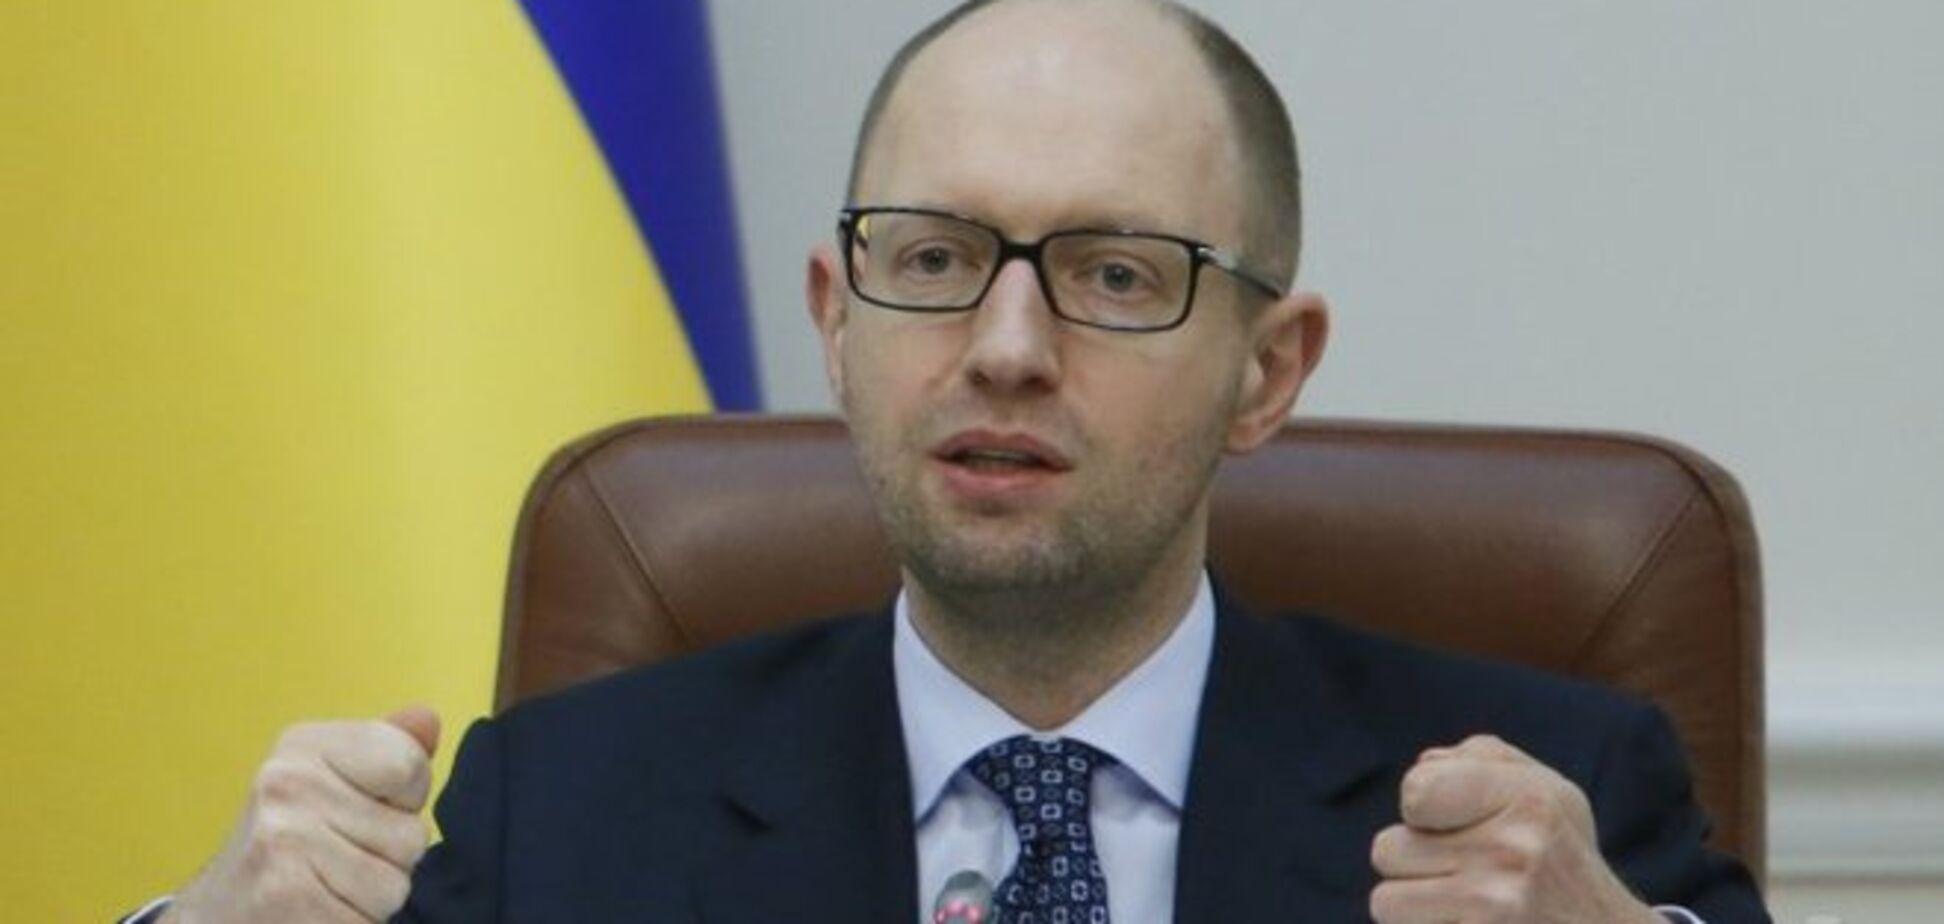 Яценюк обвинил коалицию в неработающей модели снижения ЕСВ и заявил о готовности её изменить